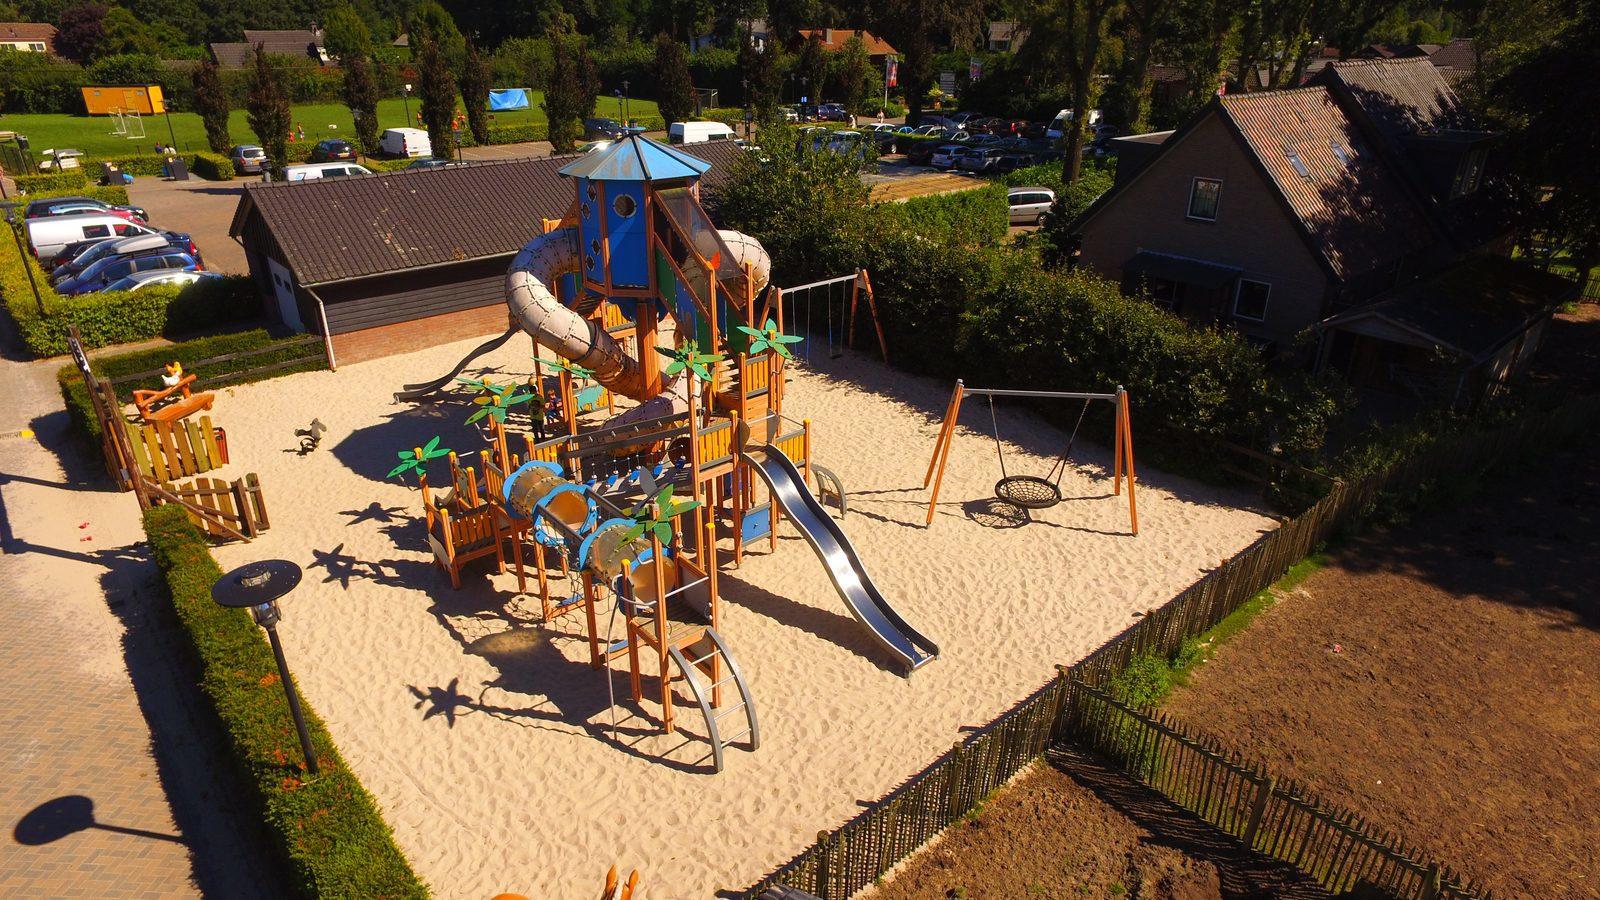 Grote speeltuin op vakantiepark | Recreatiepark De Boshoek